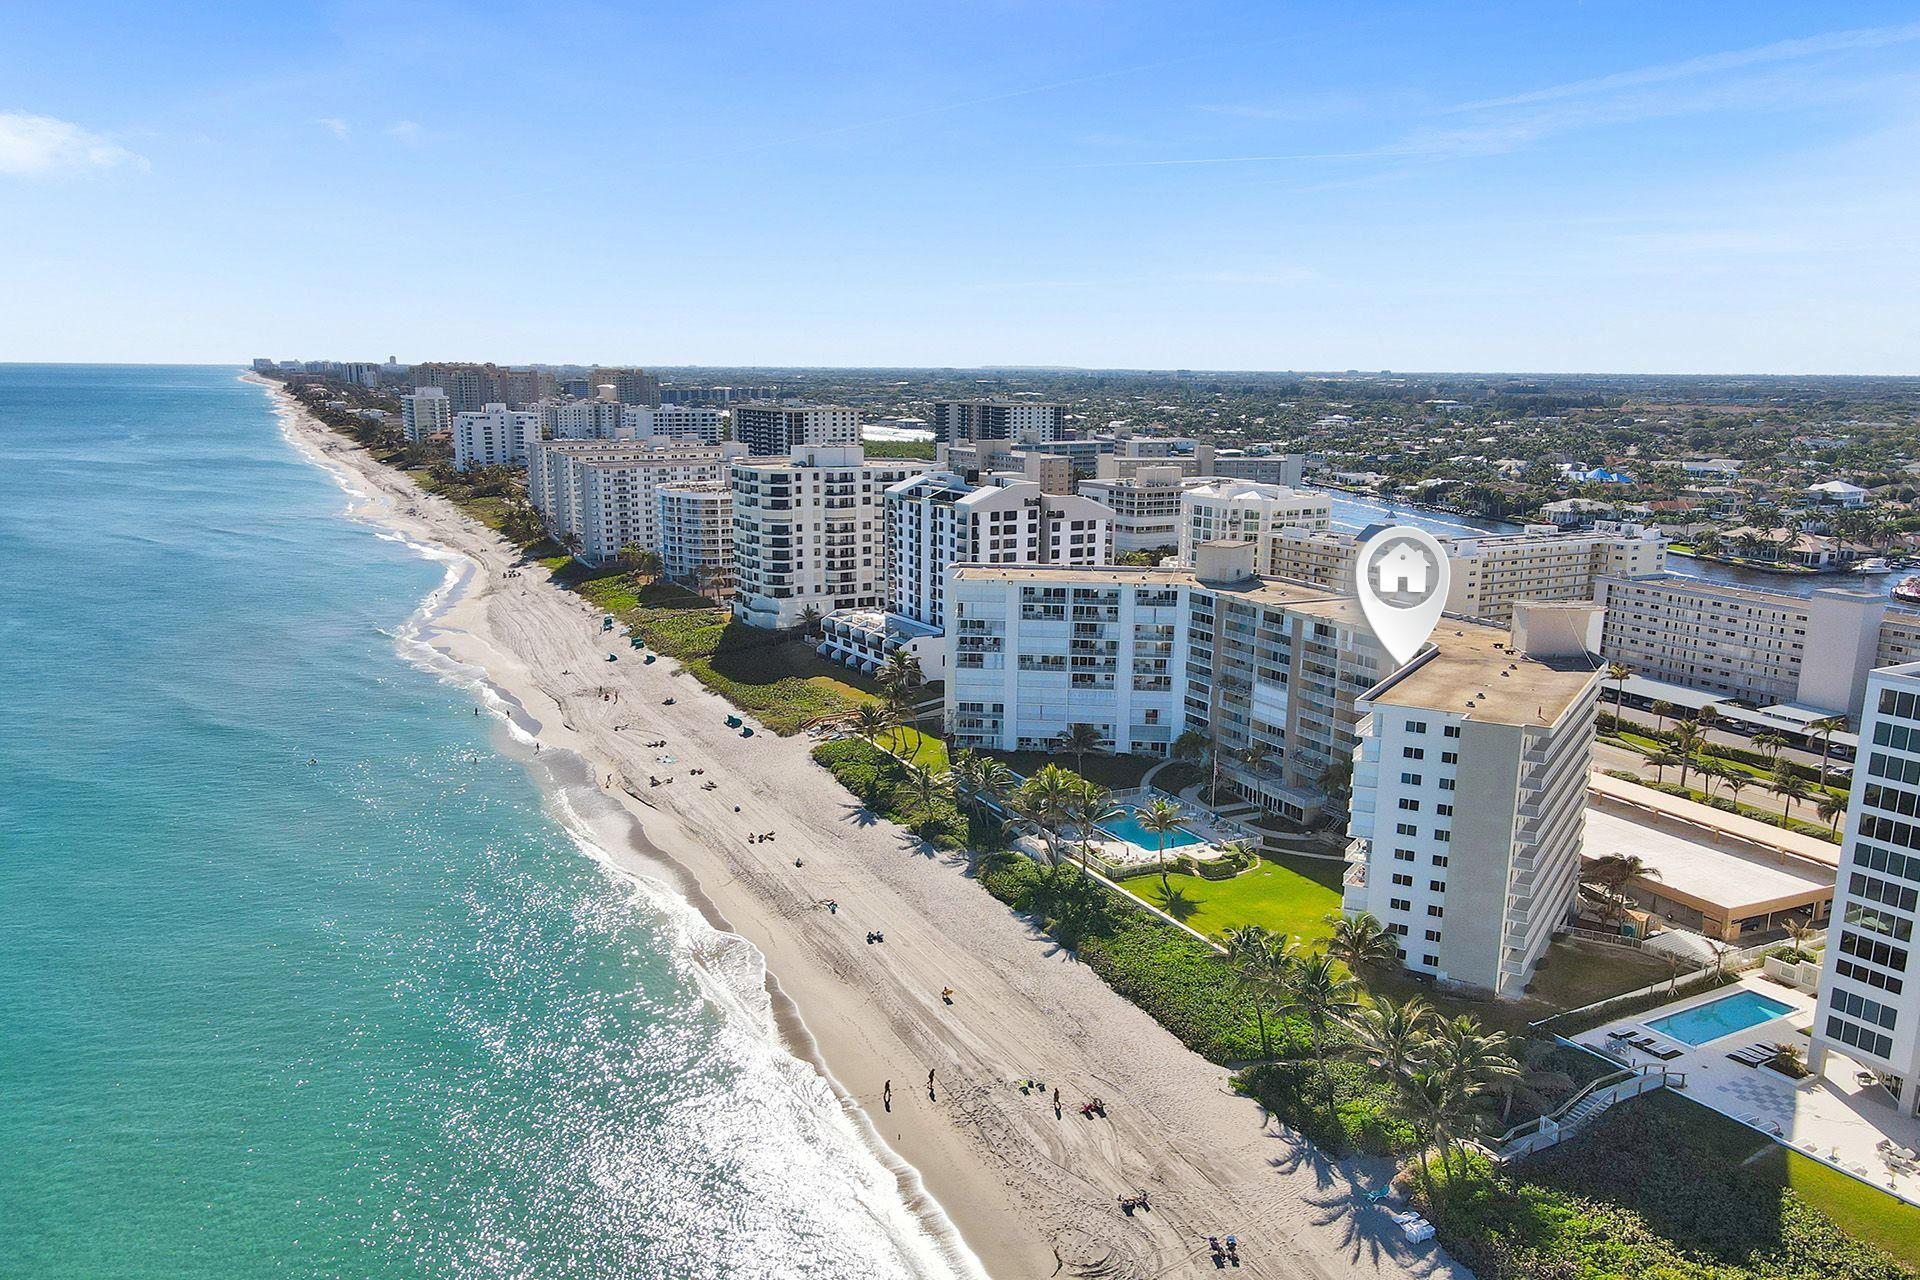 3101 S Ocean Blvd Apt 818-820, Highland Beach, FL 33487 - #: RX-10684011